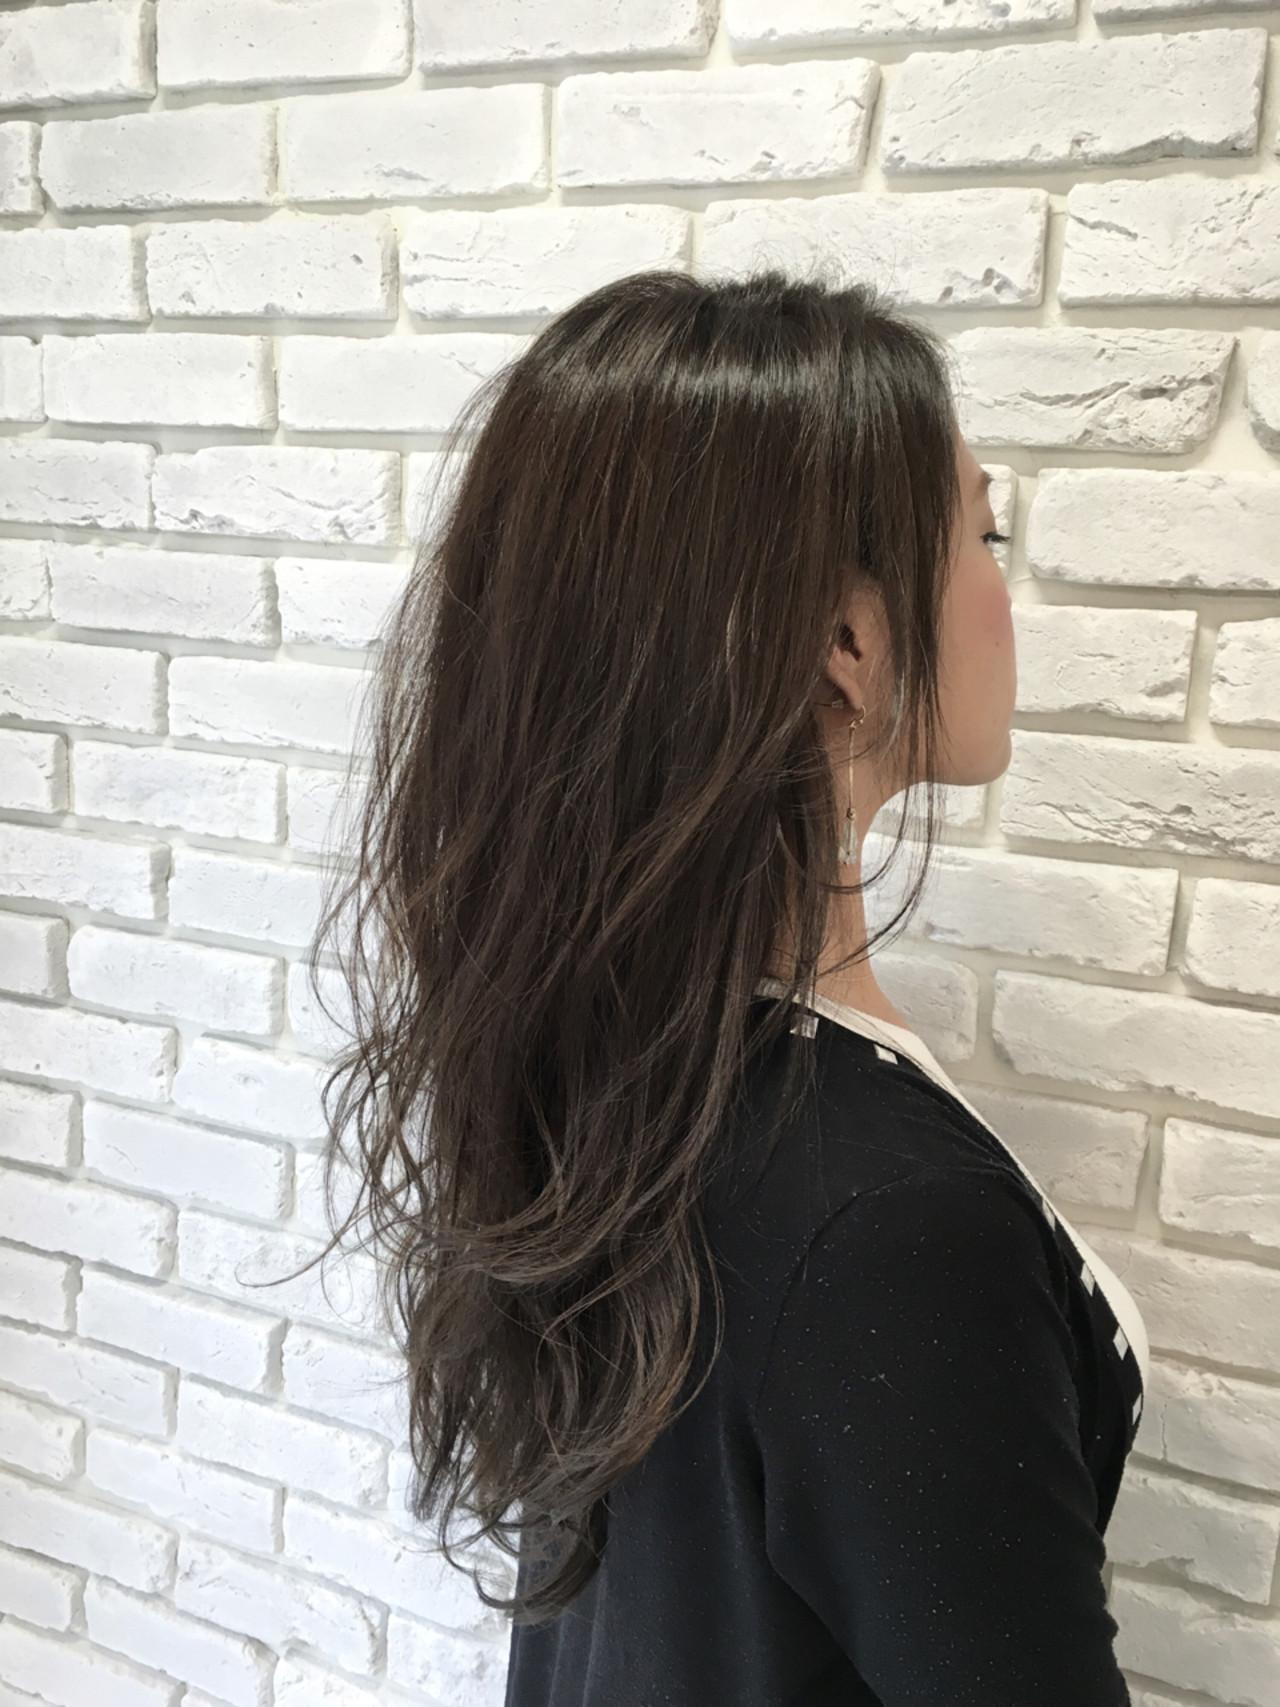 セミロング 外国人風 ストリート グレージュ ヘアスタイルや髪型の写真・画像 | 田中晋也 / prize(プライズ)表参道店